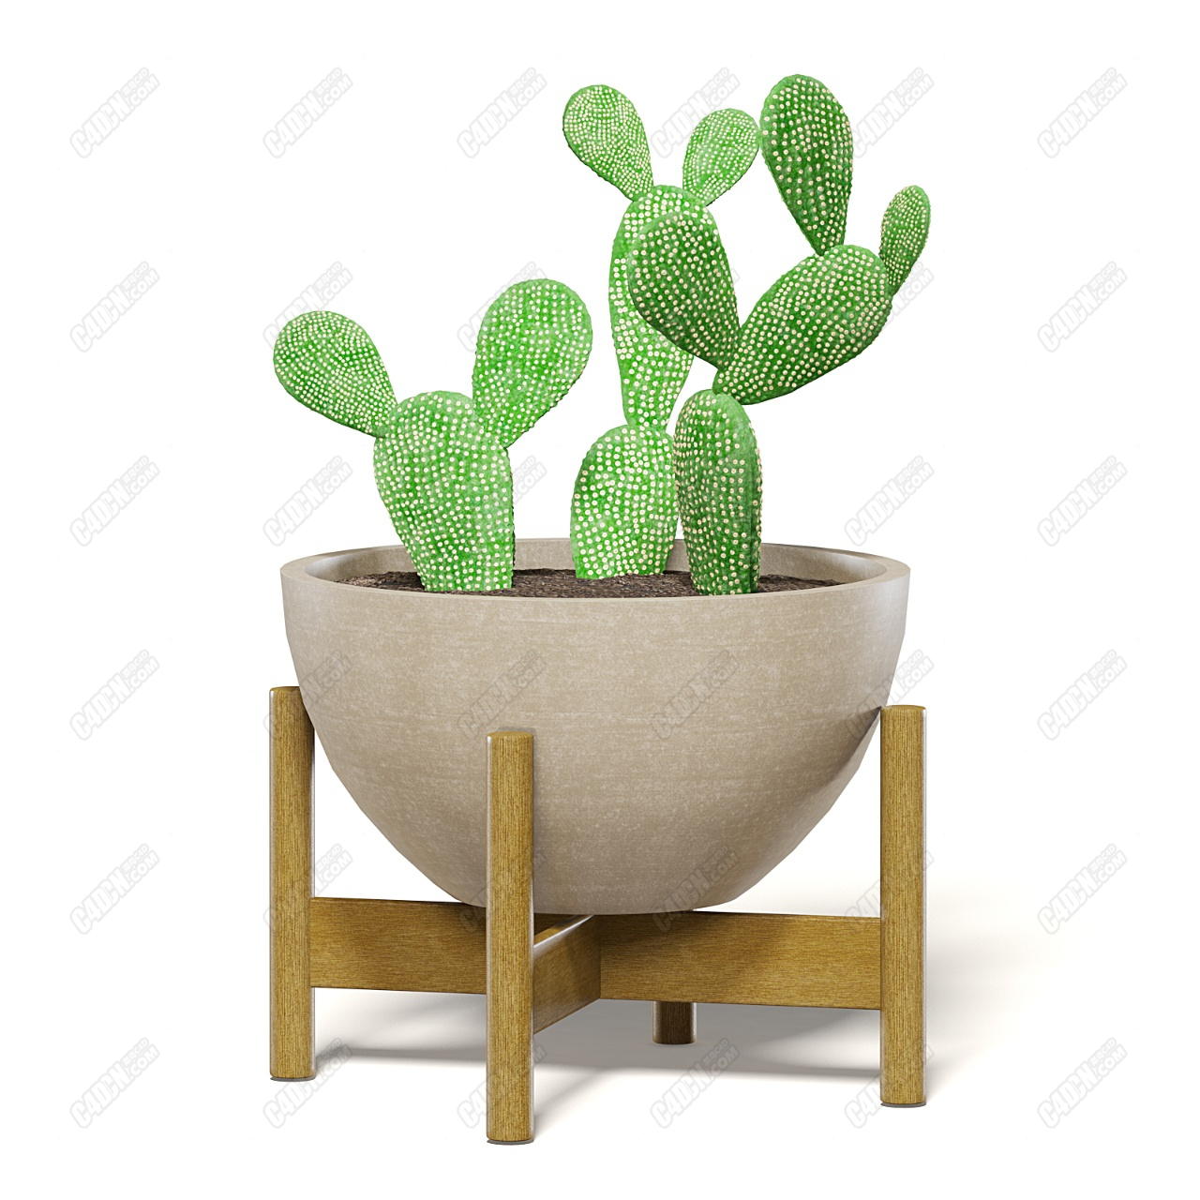 C4D木制底座陶瓷简约花盆观赏盆栽模型